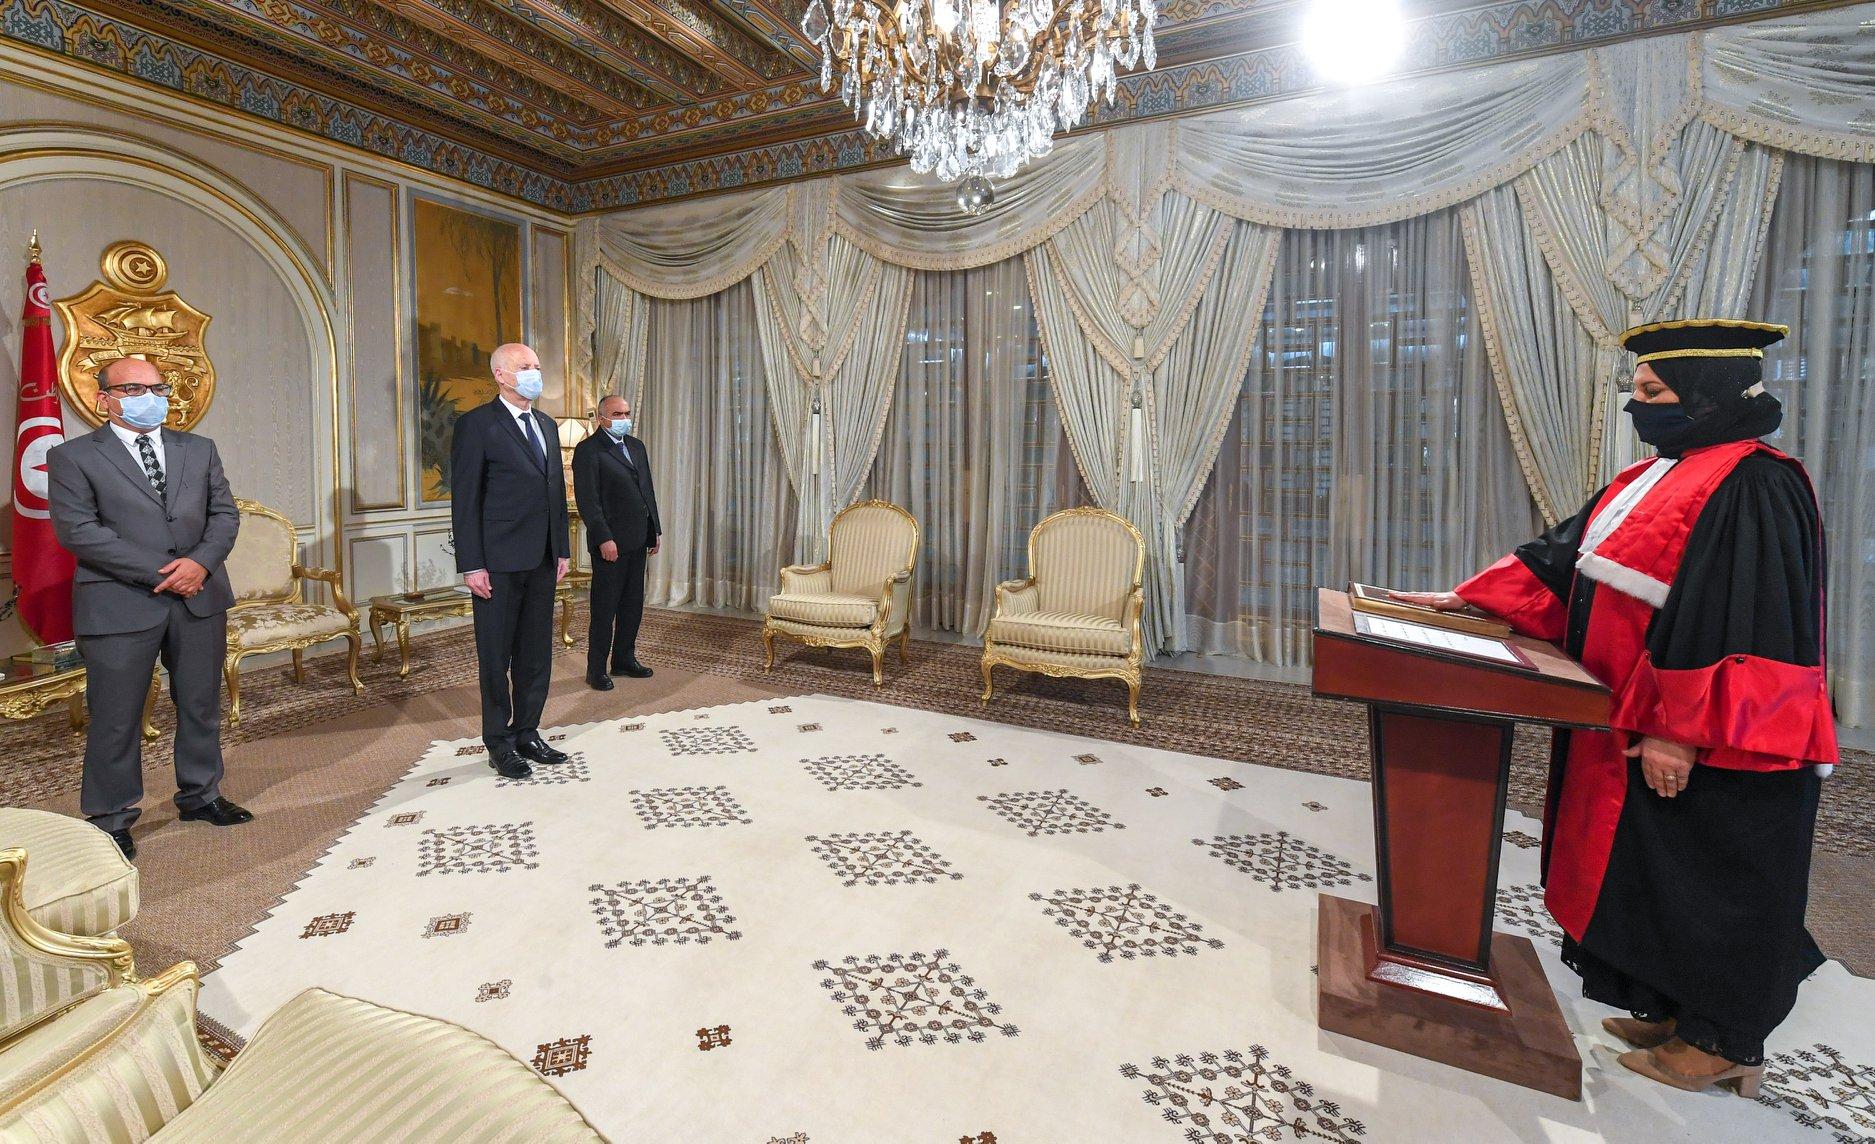 عضو المجلس الأعلى للقضاء السيدة سنية بن عمار تؤدي اليمين